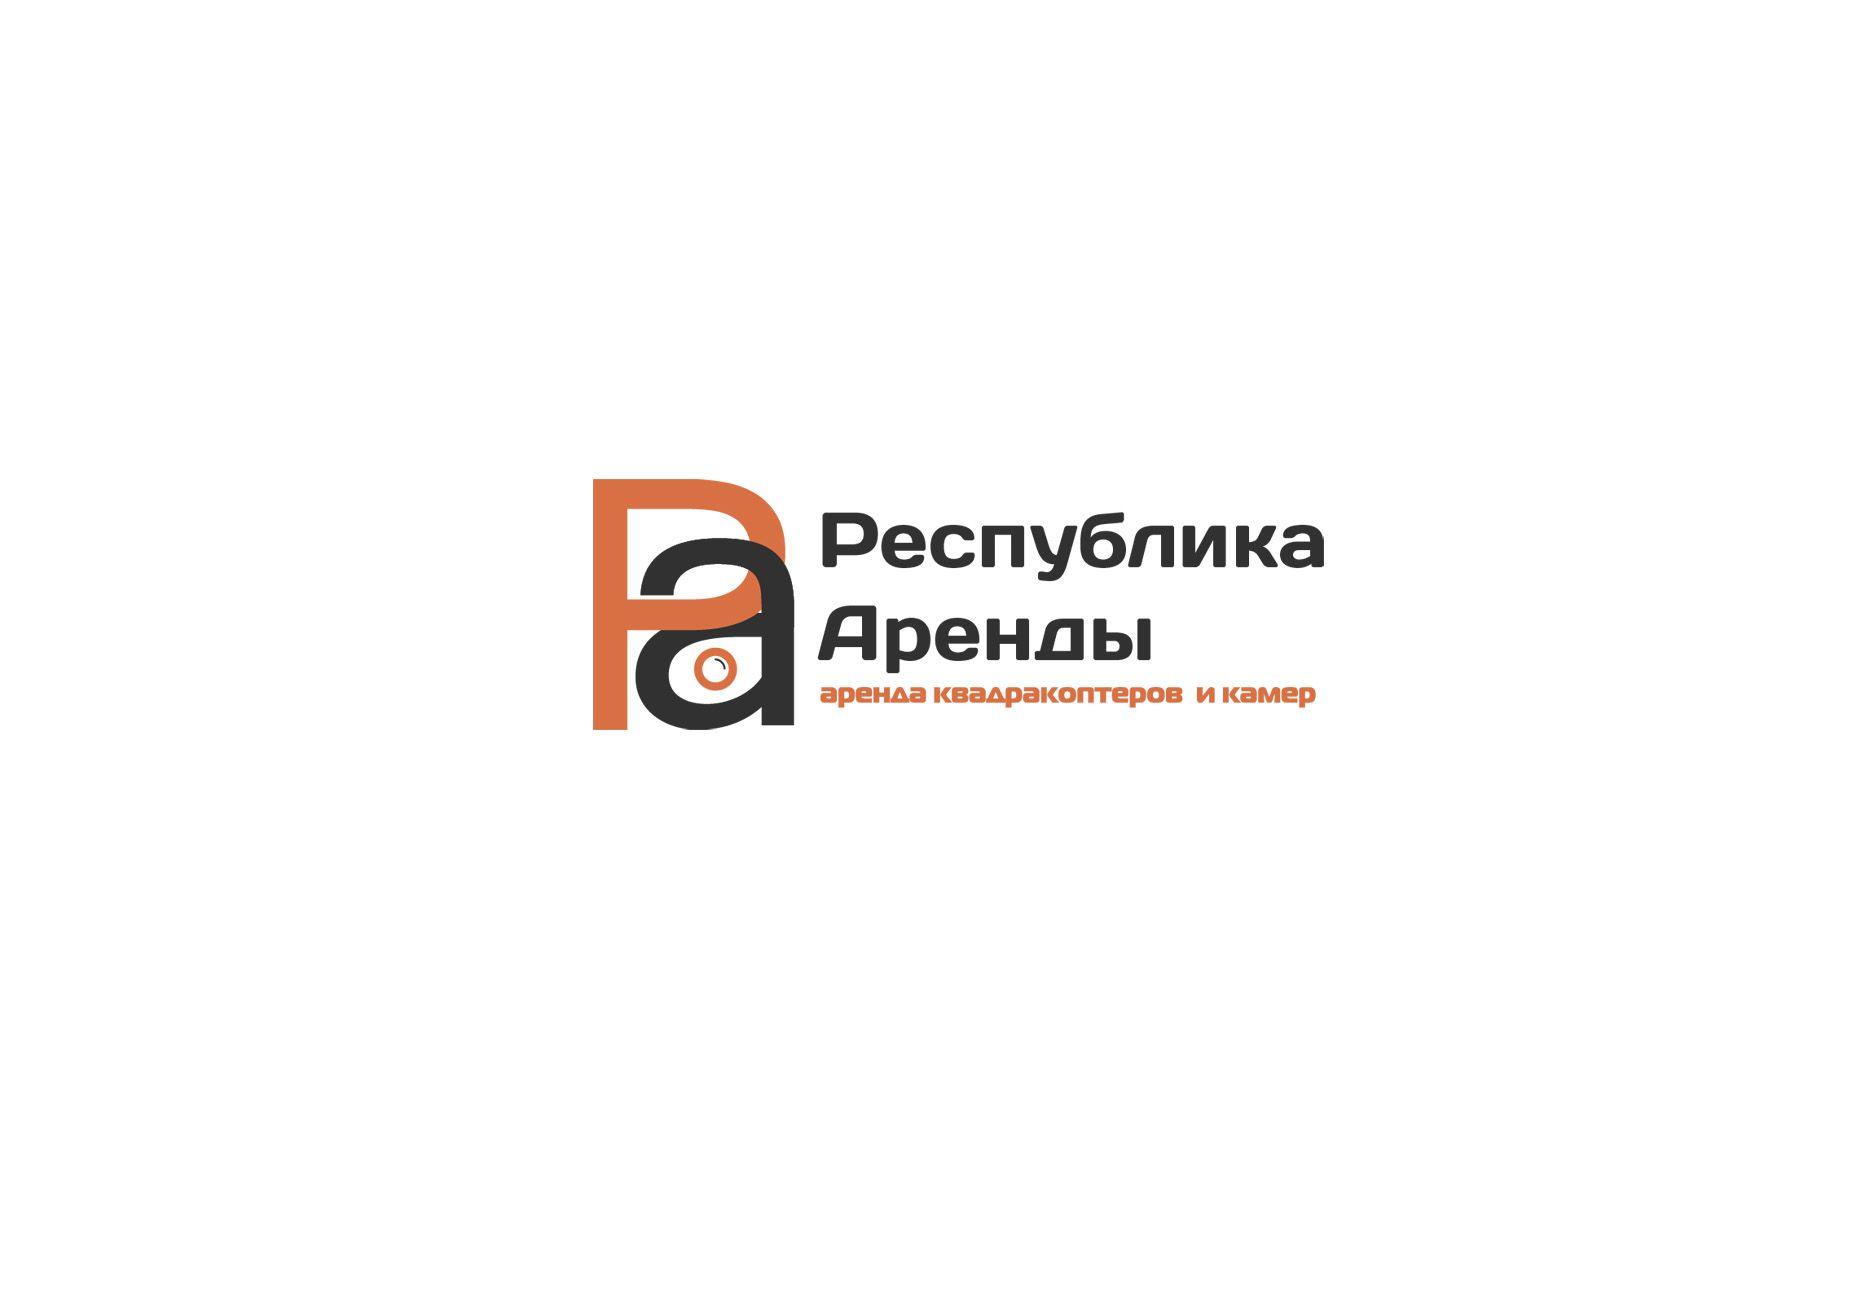 Логотип для компании по аренде квадракоптеров - дизайнер comicdm